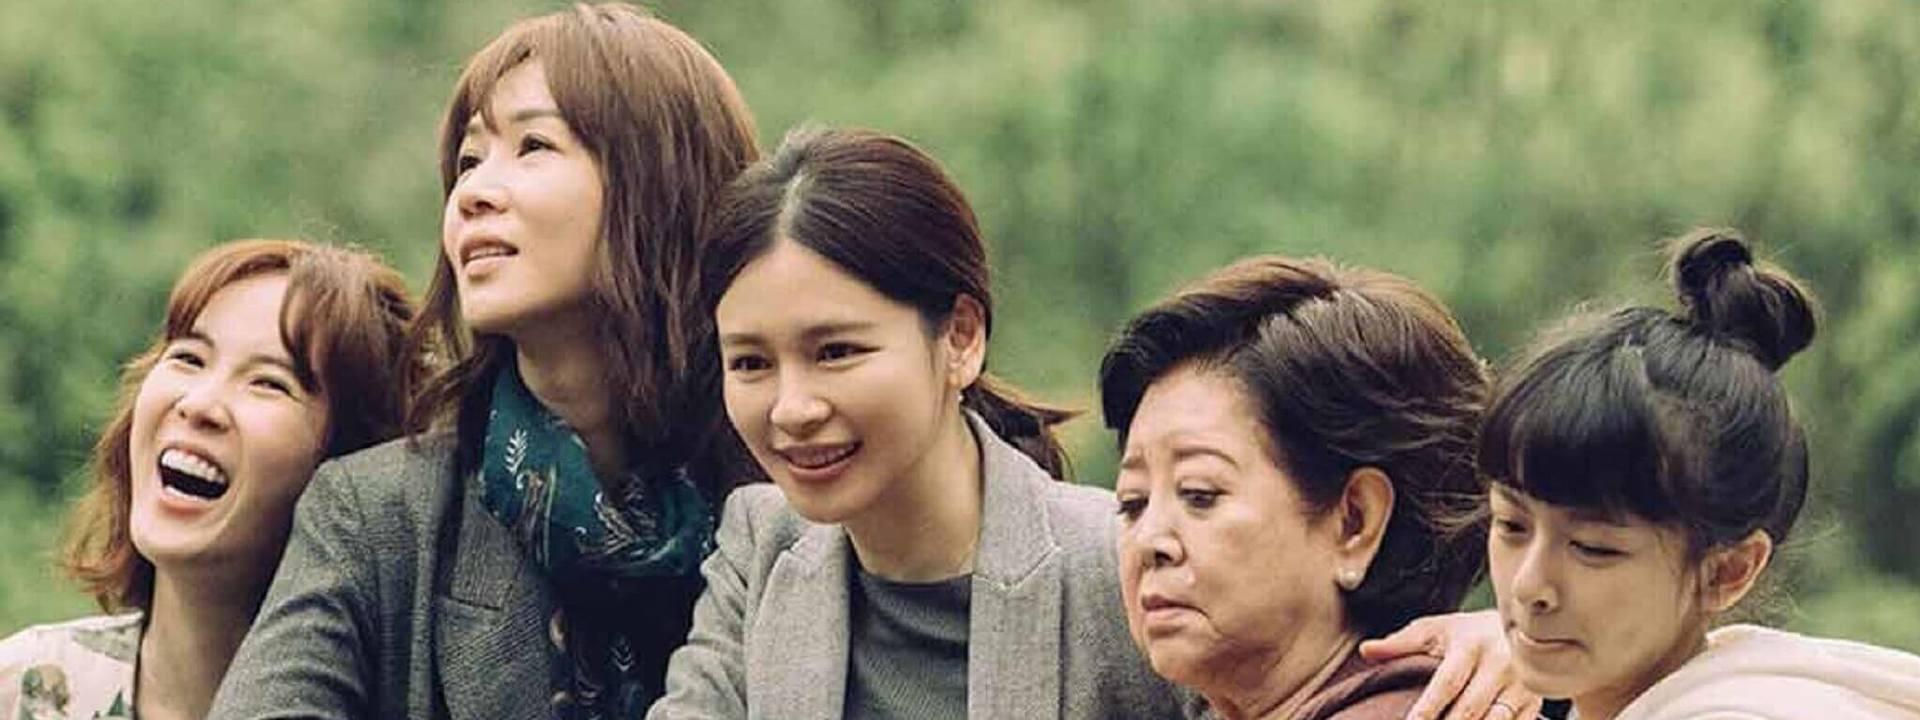 《孤味》突圍 登首周新片票房冠軍